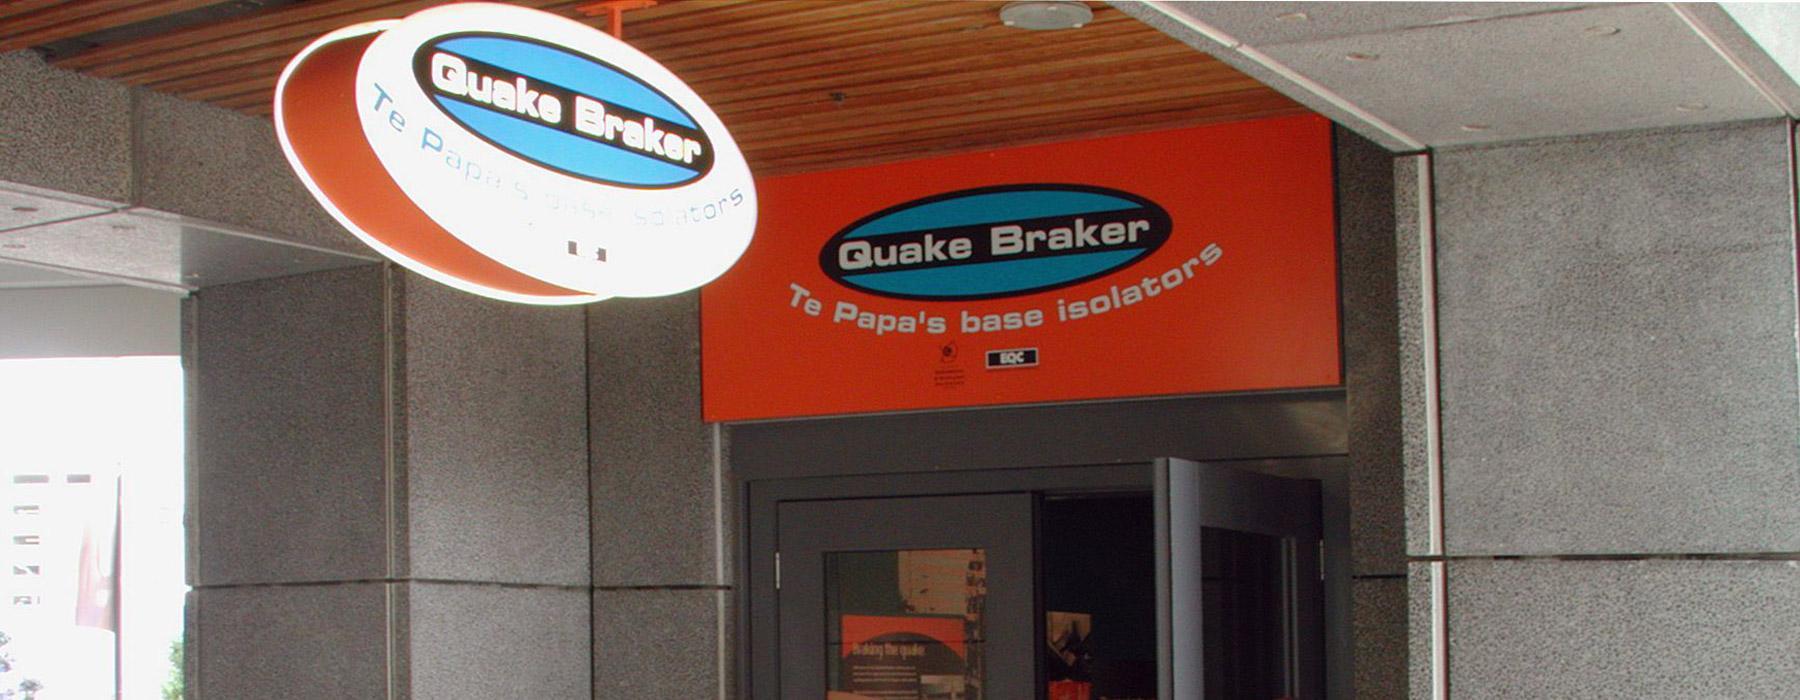 Entrance to Quake Braker. Photograph by Jan Nauta. Te Papa